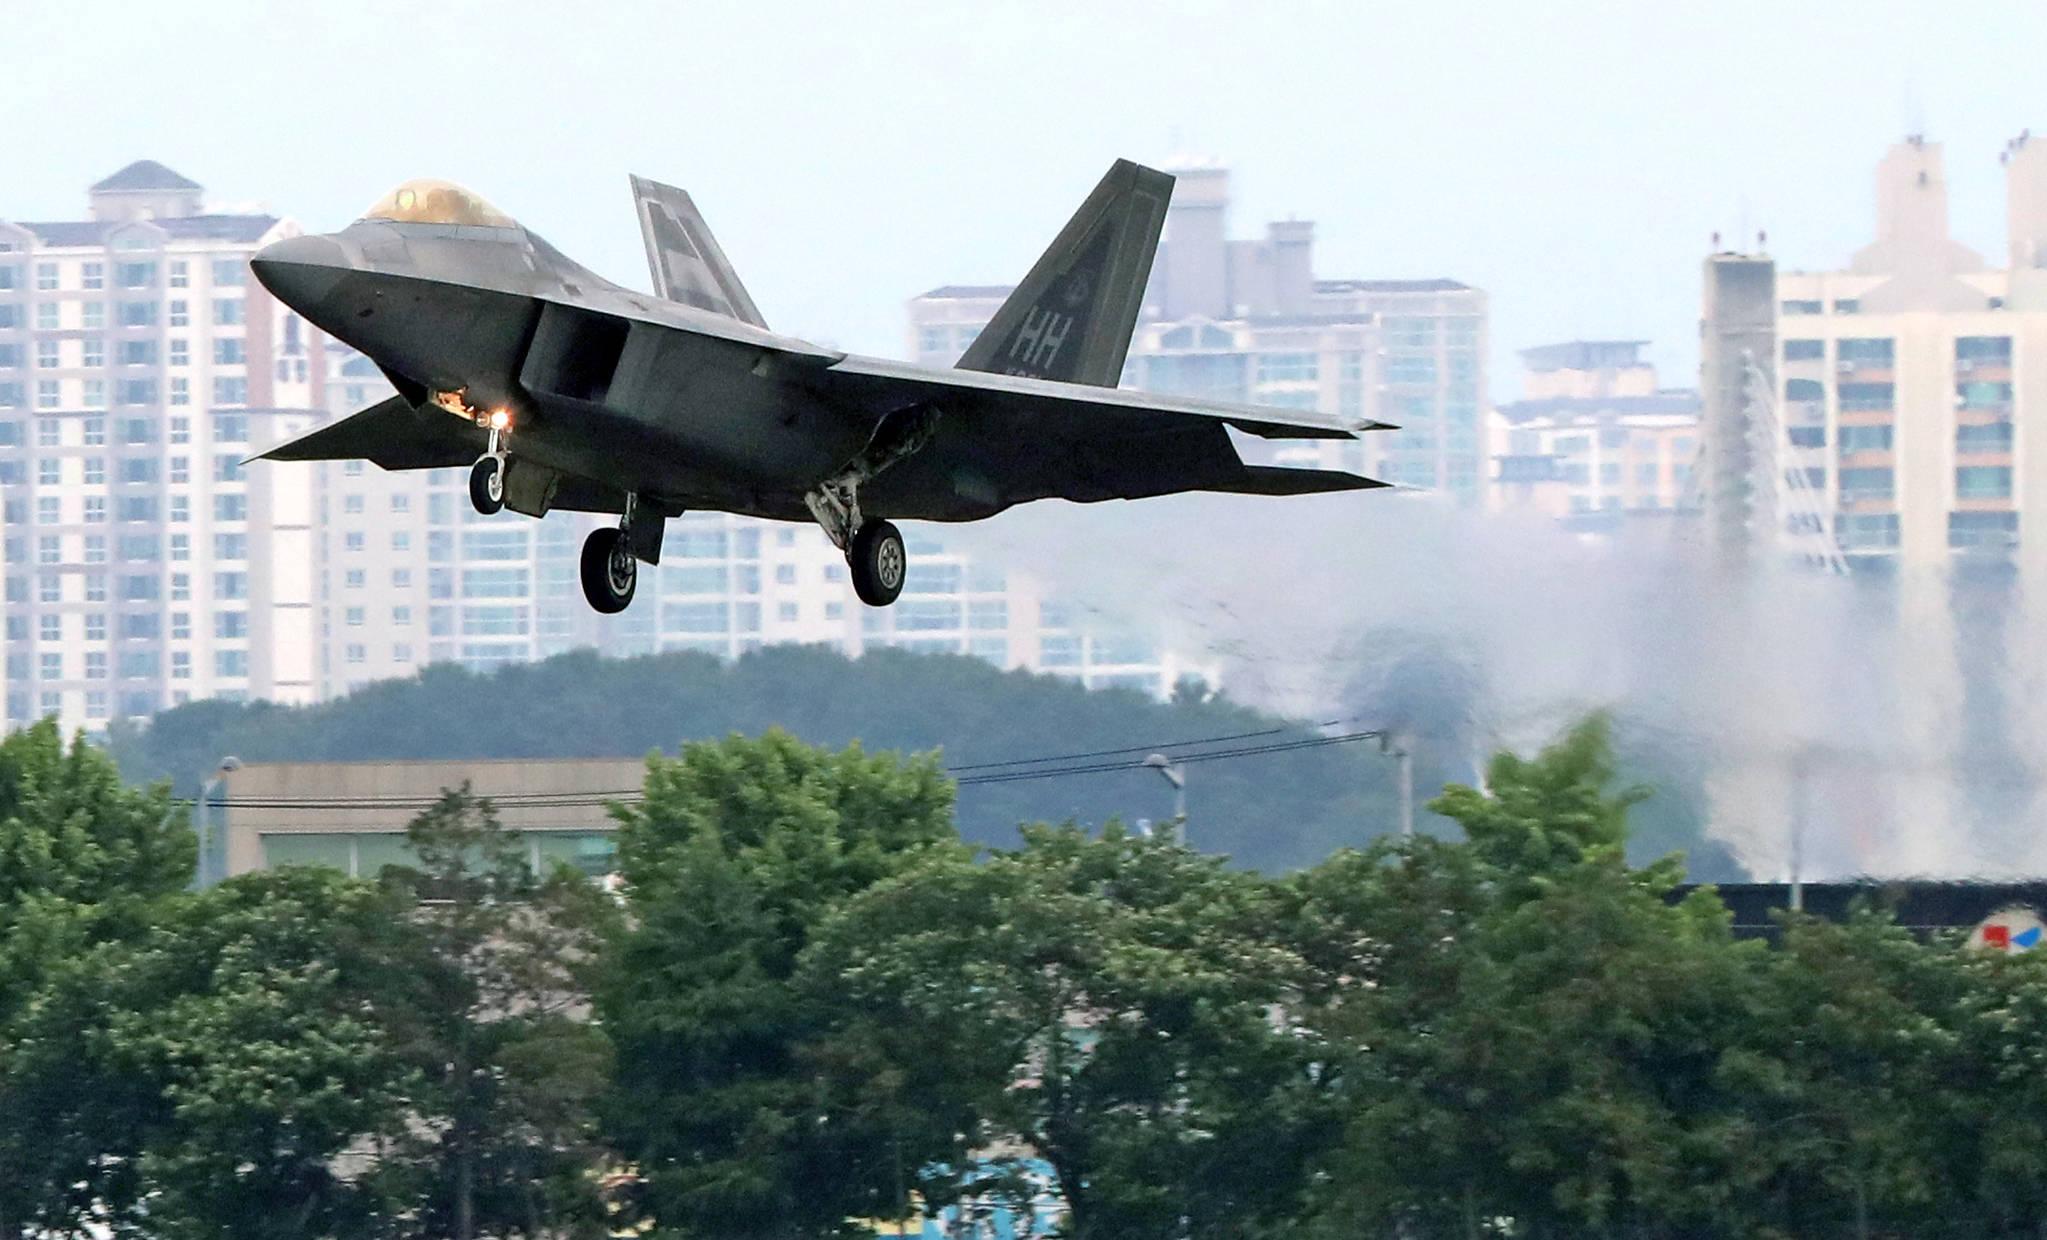 북한이 한미 공군의 대규모 연합공중훈련인 '맥스선더'(Max Thunder) 훈련을 이유로 남북고위급회담을 전격 취소한 가운데, 16일 오전 광주 공군 제1전투비행단 활주로에 미군 F-22 랩터가 착륙하고 있다. [연합뉴스]